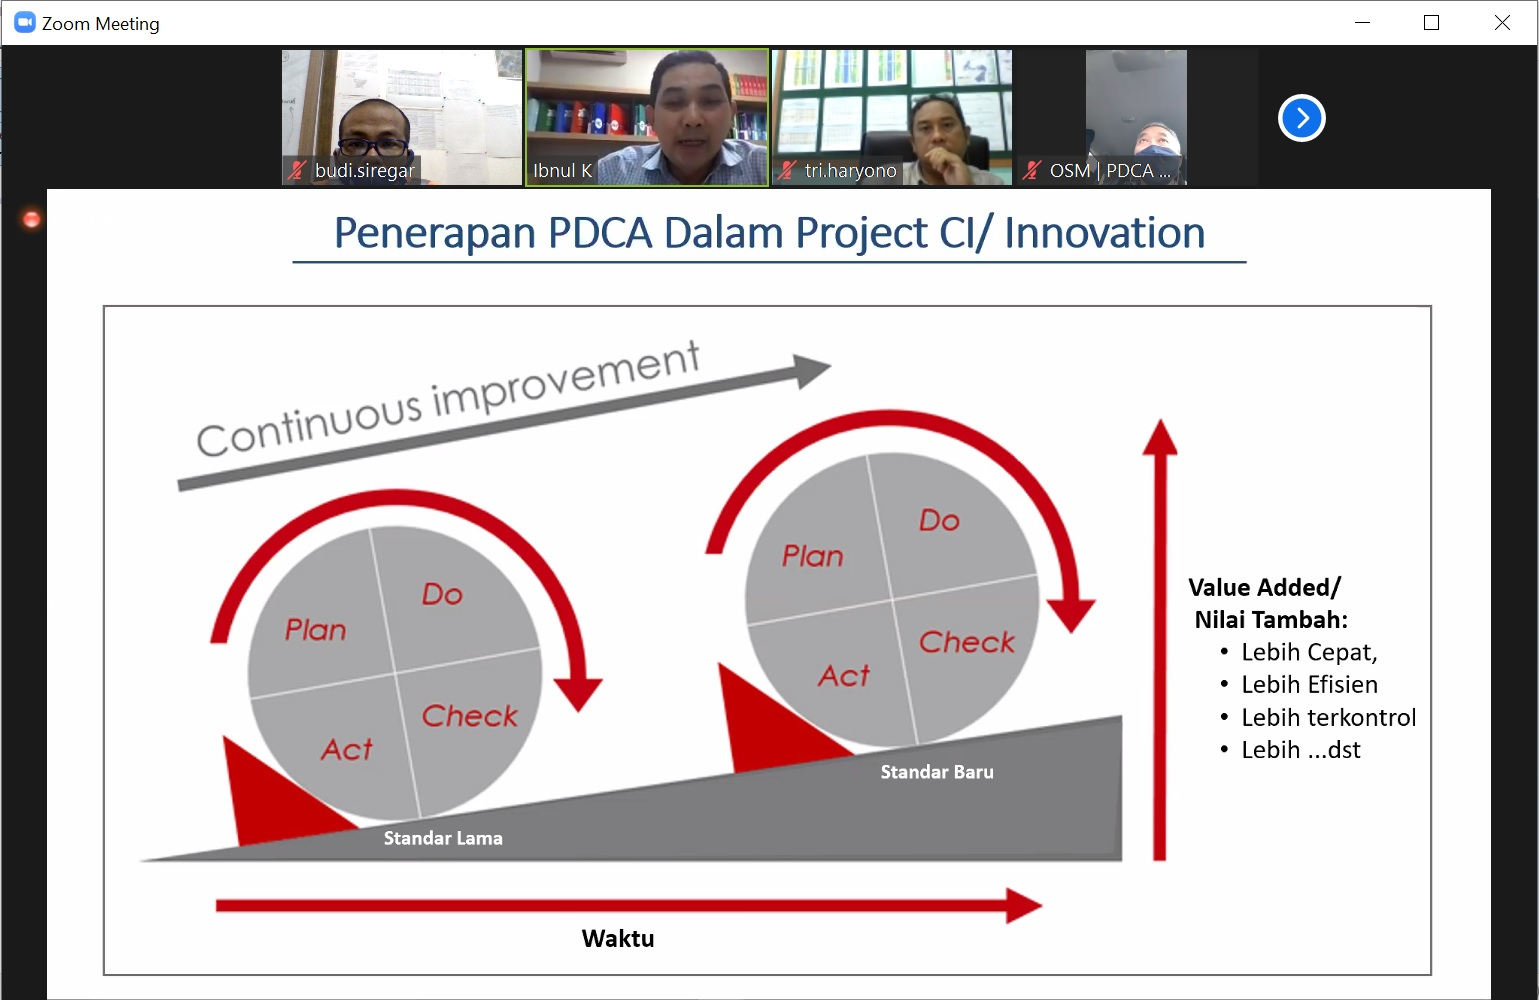 Penerapan PDCA dalam Project CI